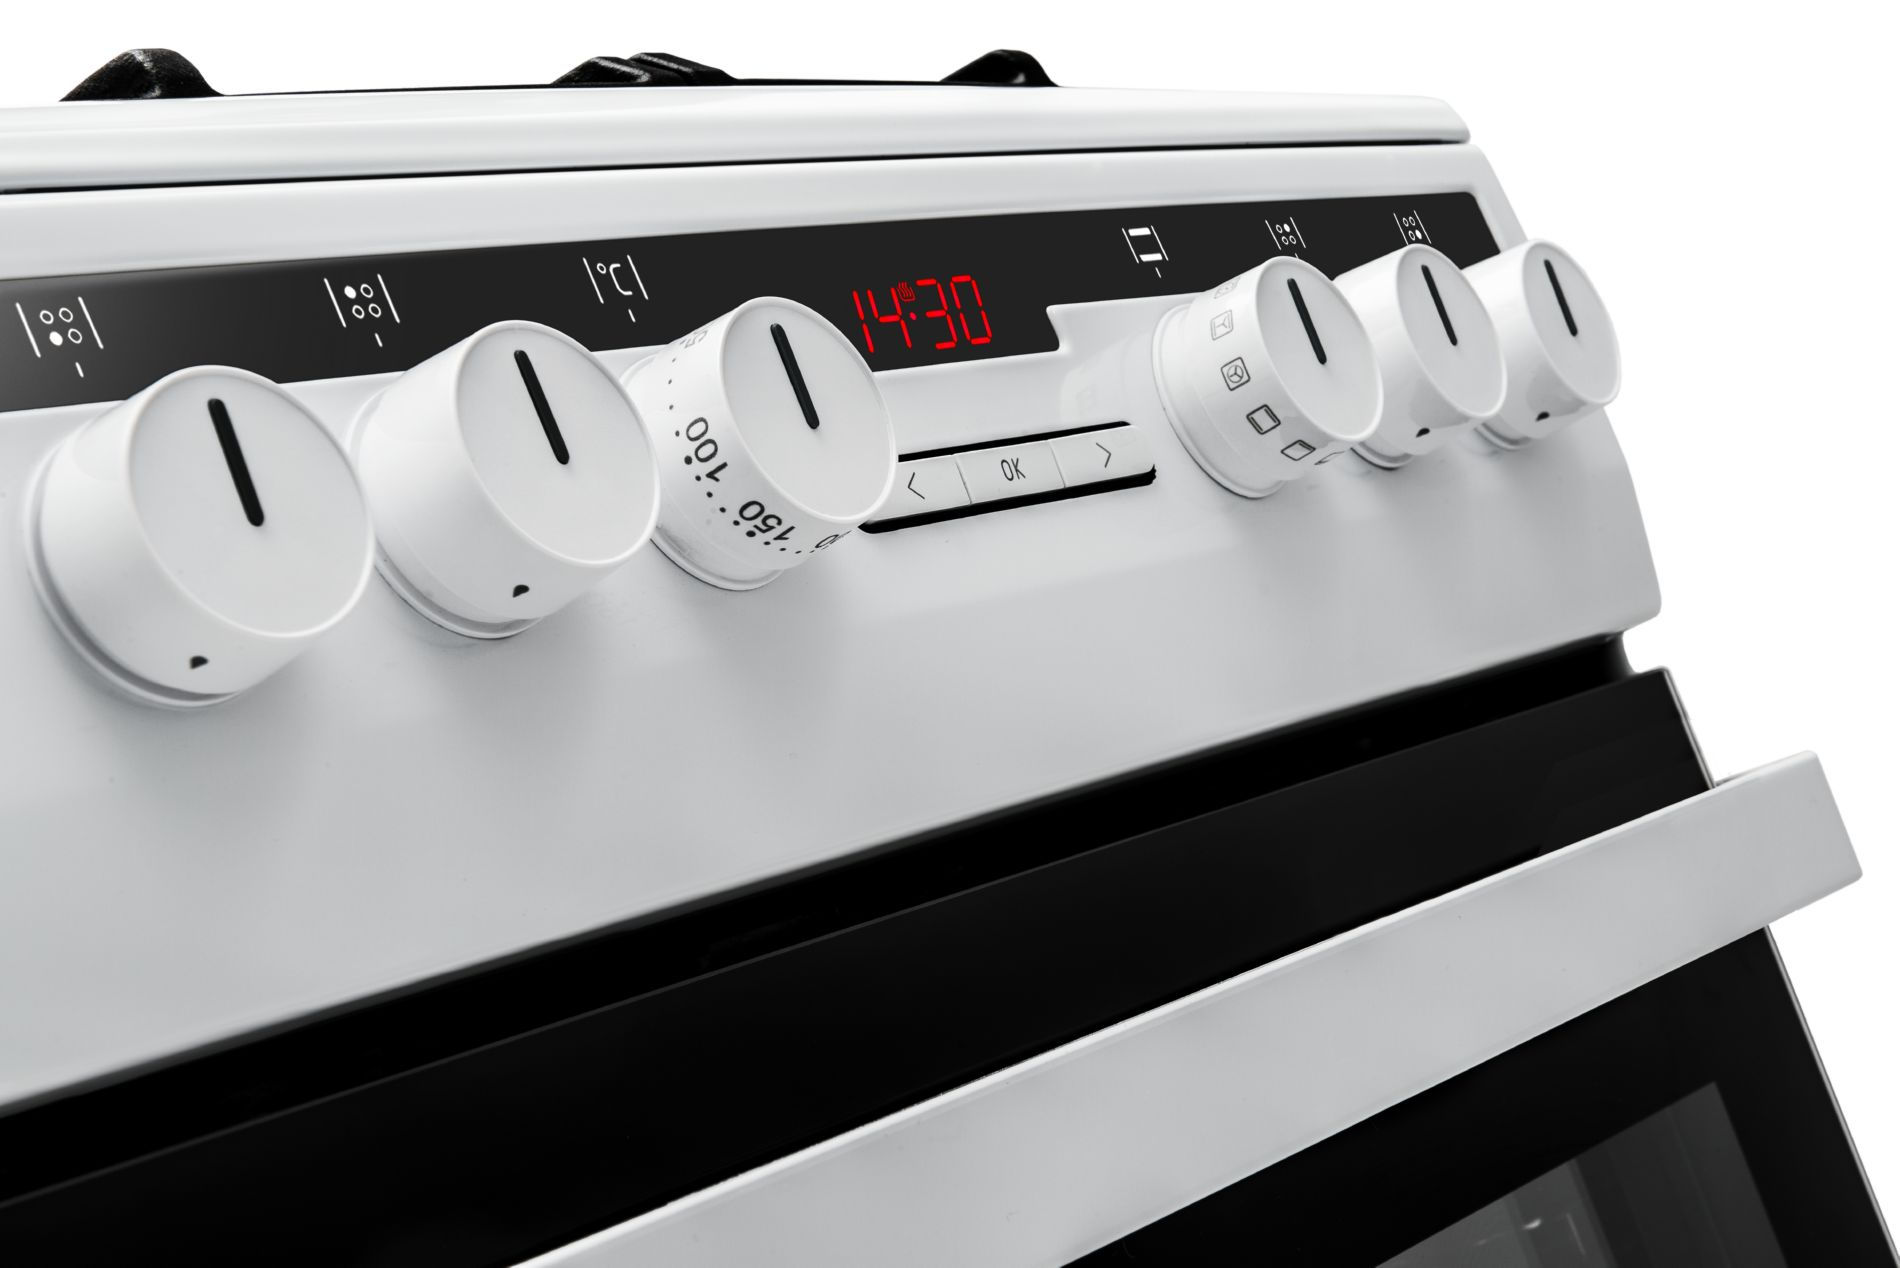 Kuchnia wolnostojąca gazowa 58GGD5 33HZpMQ(W)  Amica -> Kuchnia Gazowa Amica Termostat